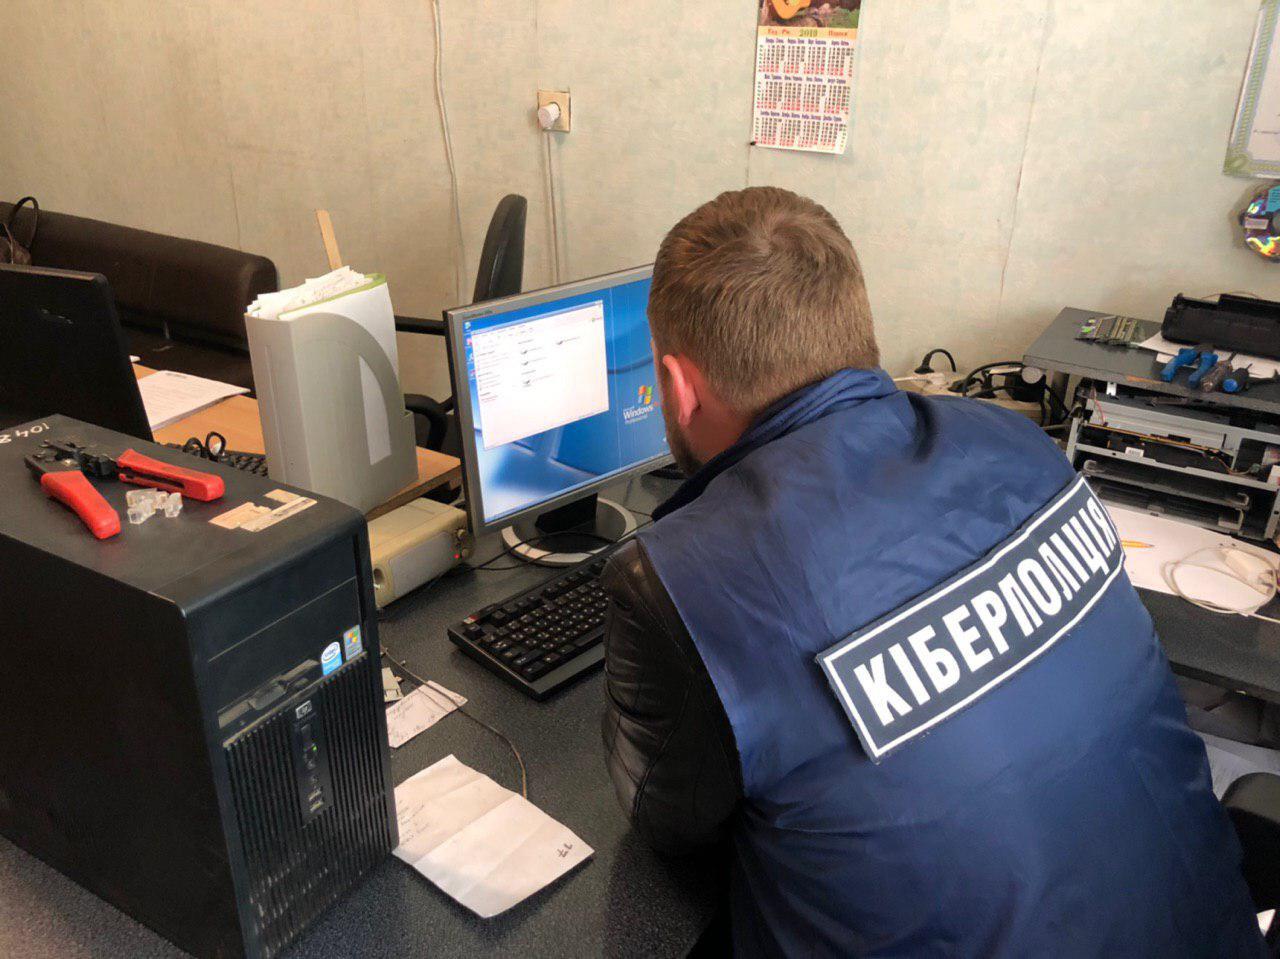 Сотрудники киберполиции Закарпатской области установили, что жители Ужгородского района незаконно расшифровыыв запрещенные телеканалы. В настоящее время по данному факту начато досудебное расследование.